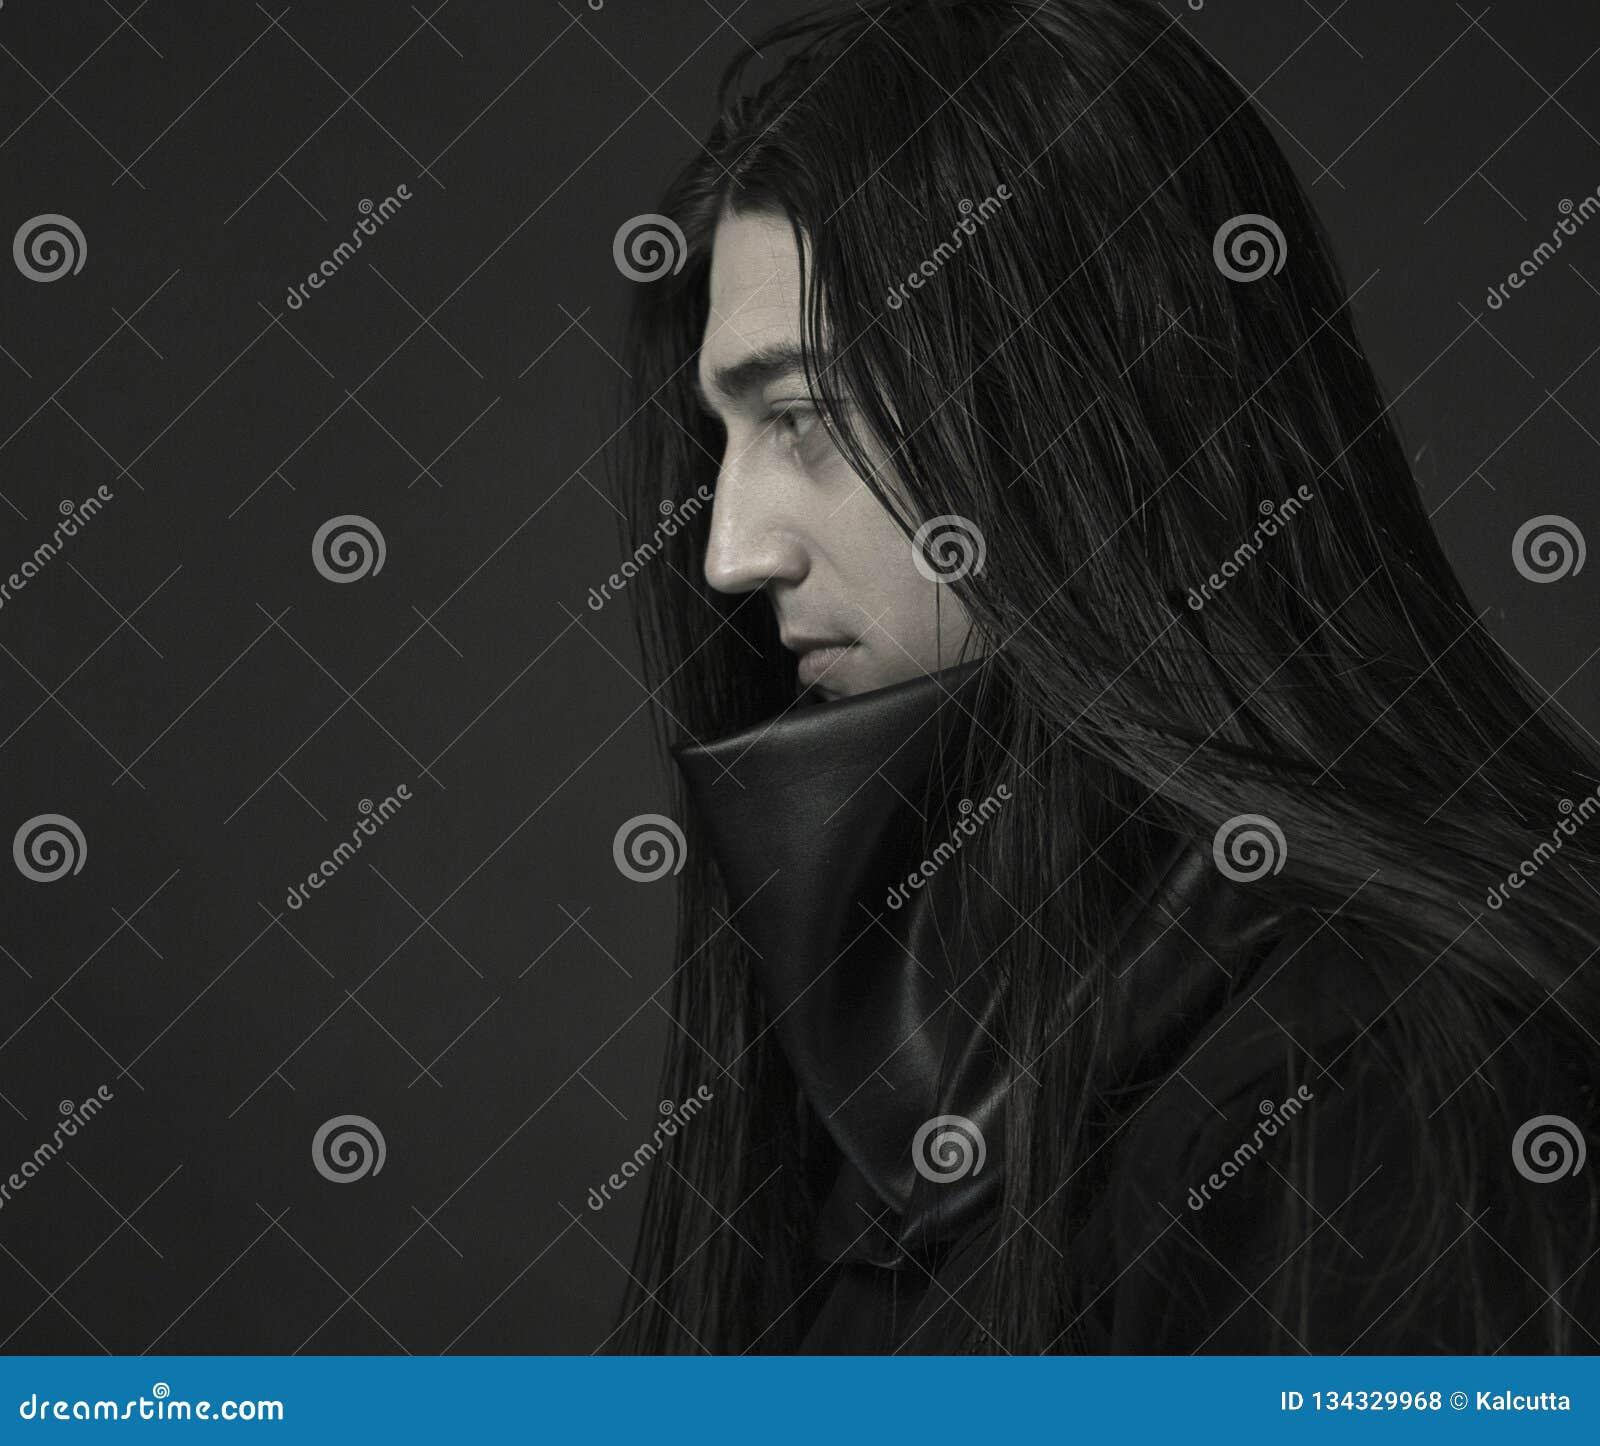 Μοντέρνος όμορφος νεαρός άνδρας Καυκάσιο ανθρώπινο πορτρέτο άτομο στα μαύρα ενδύματα με σκοτεινό μακρυμάλλη